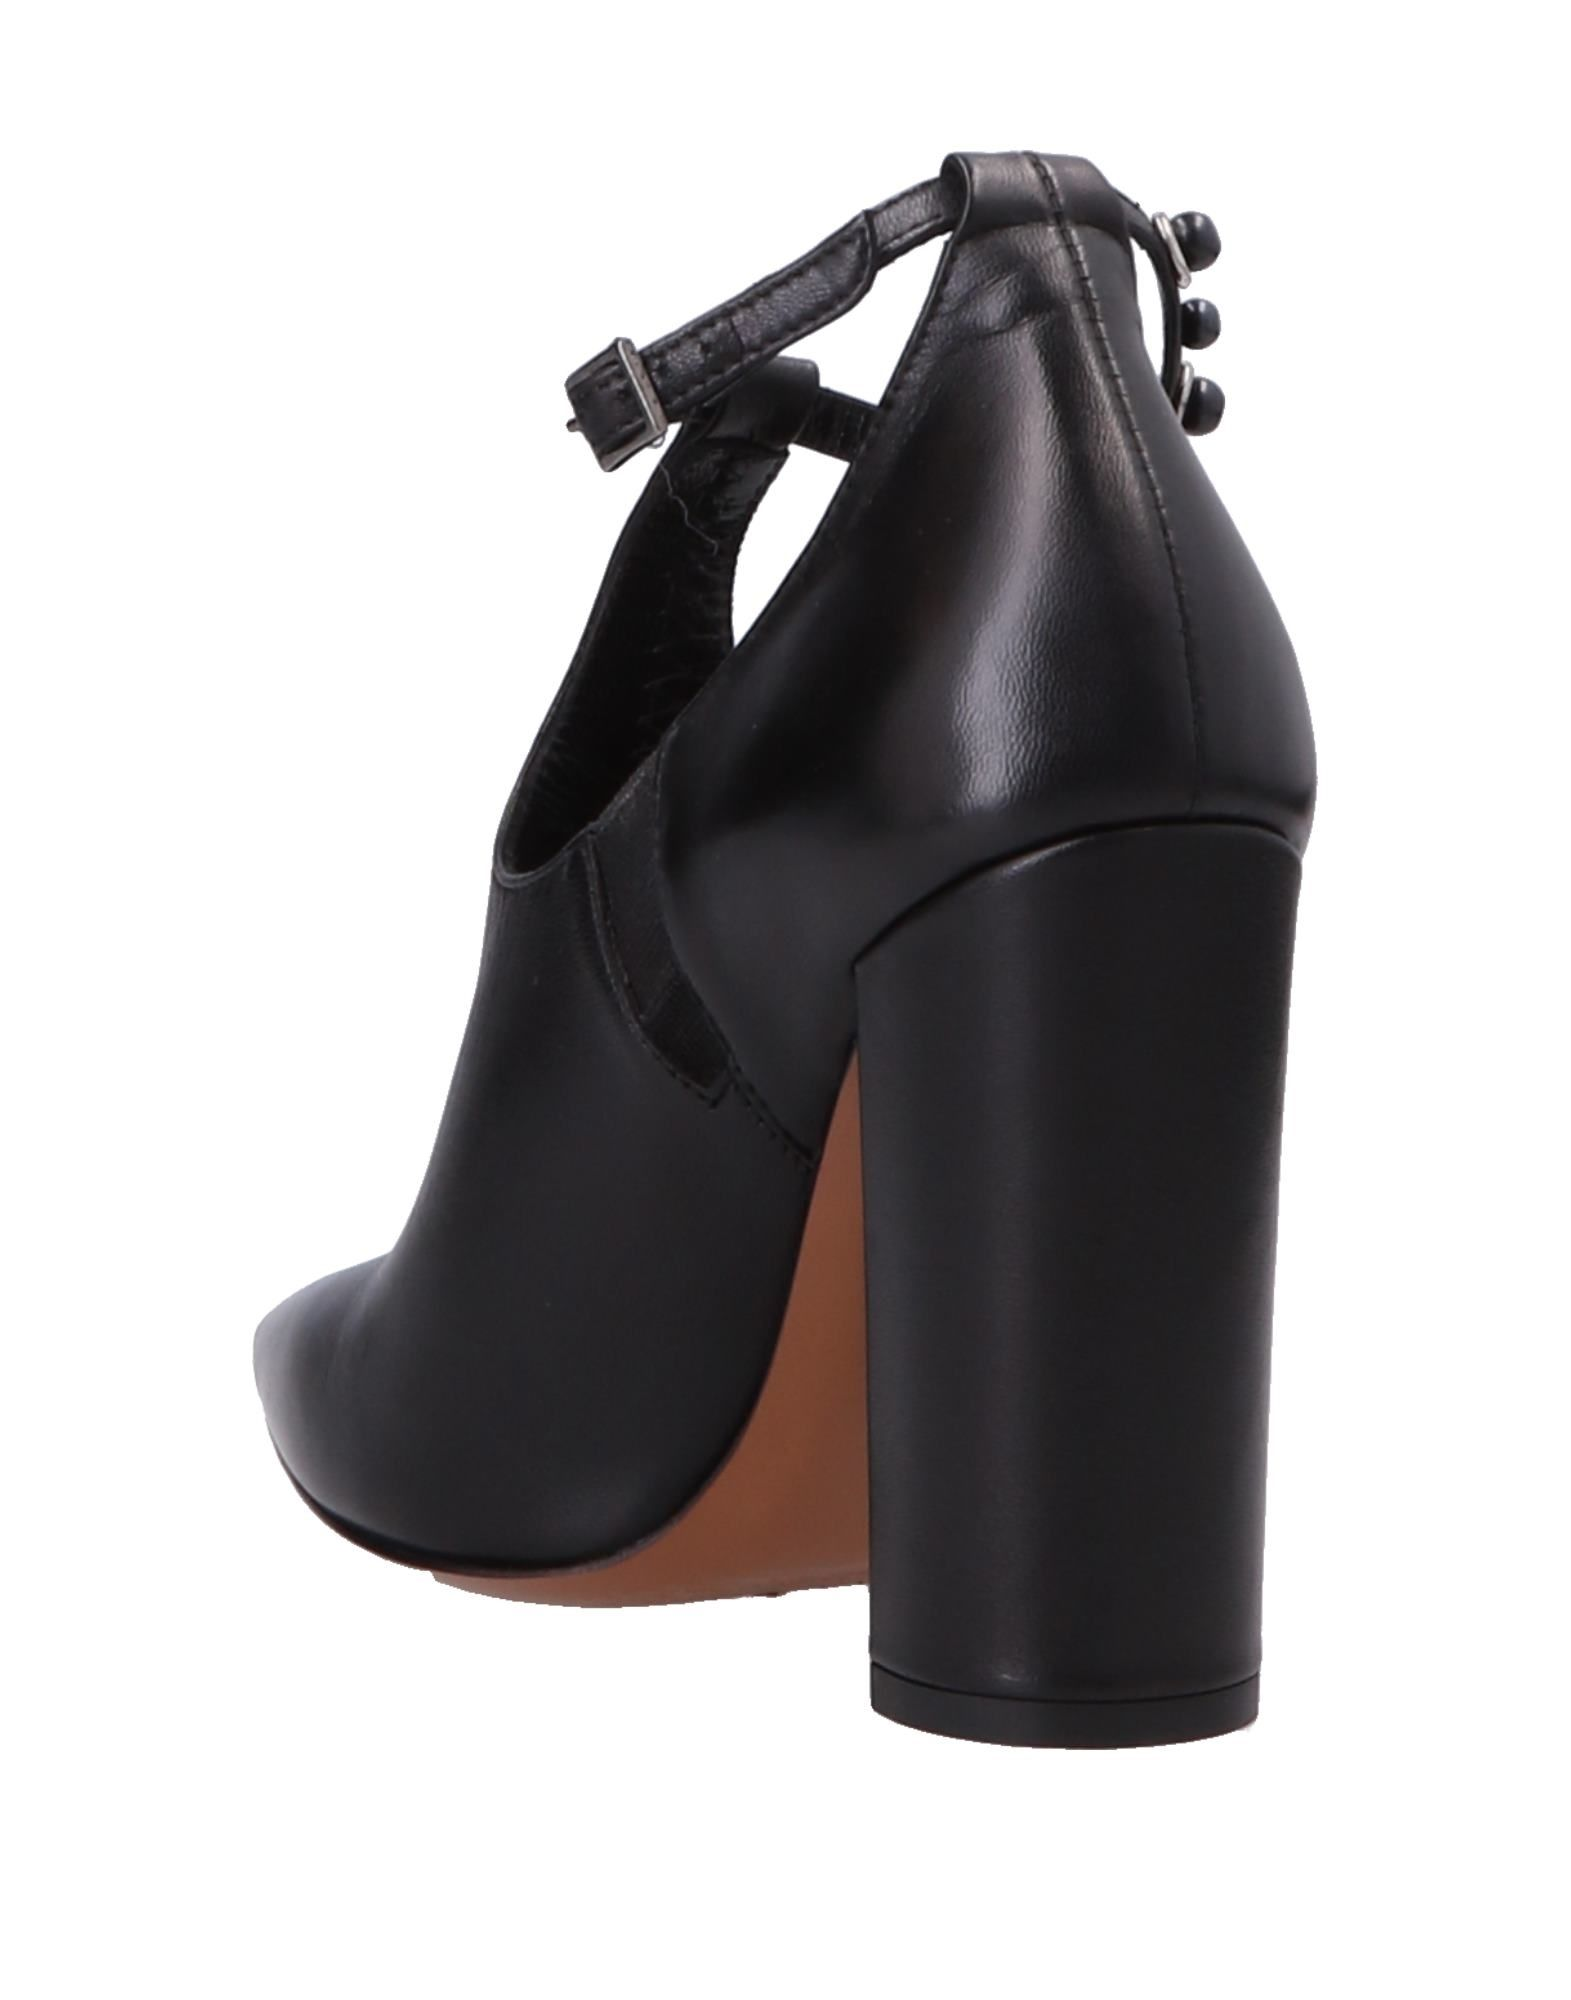 Tiffi Stiefelette Qualität Damen  11544052LB Gute Qualität Stiefelette beliebte Schuhe 1615dc